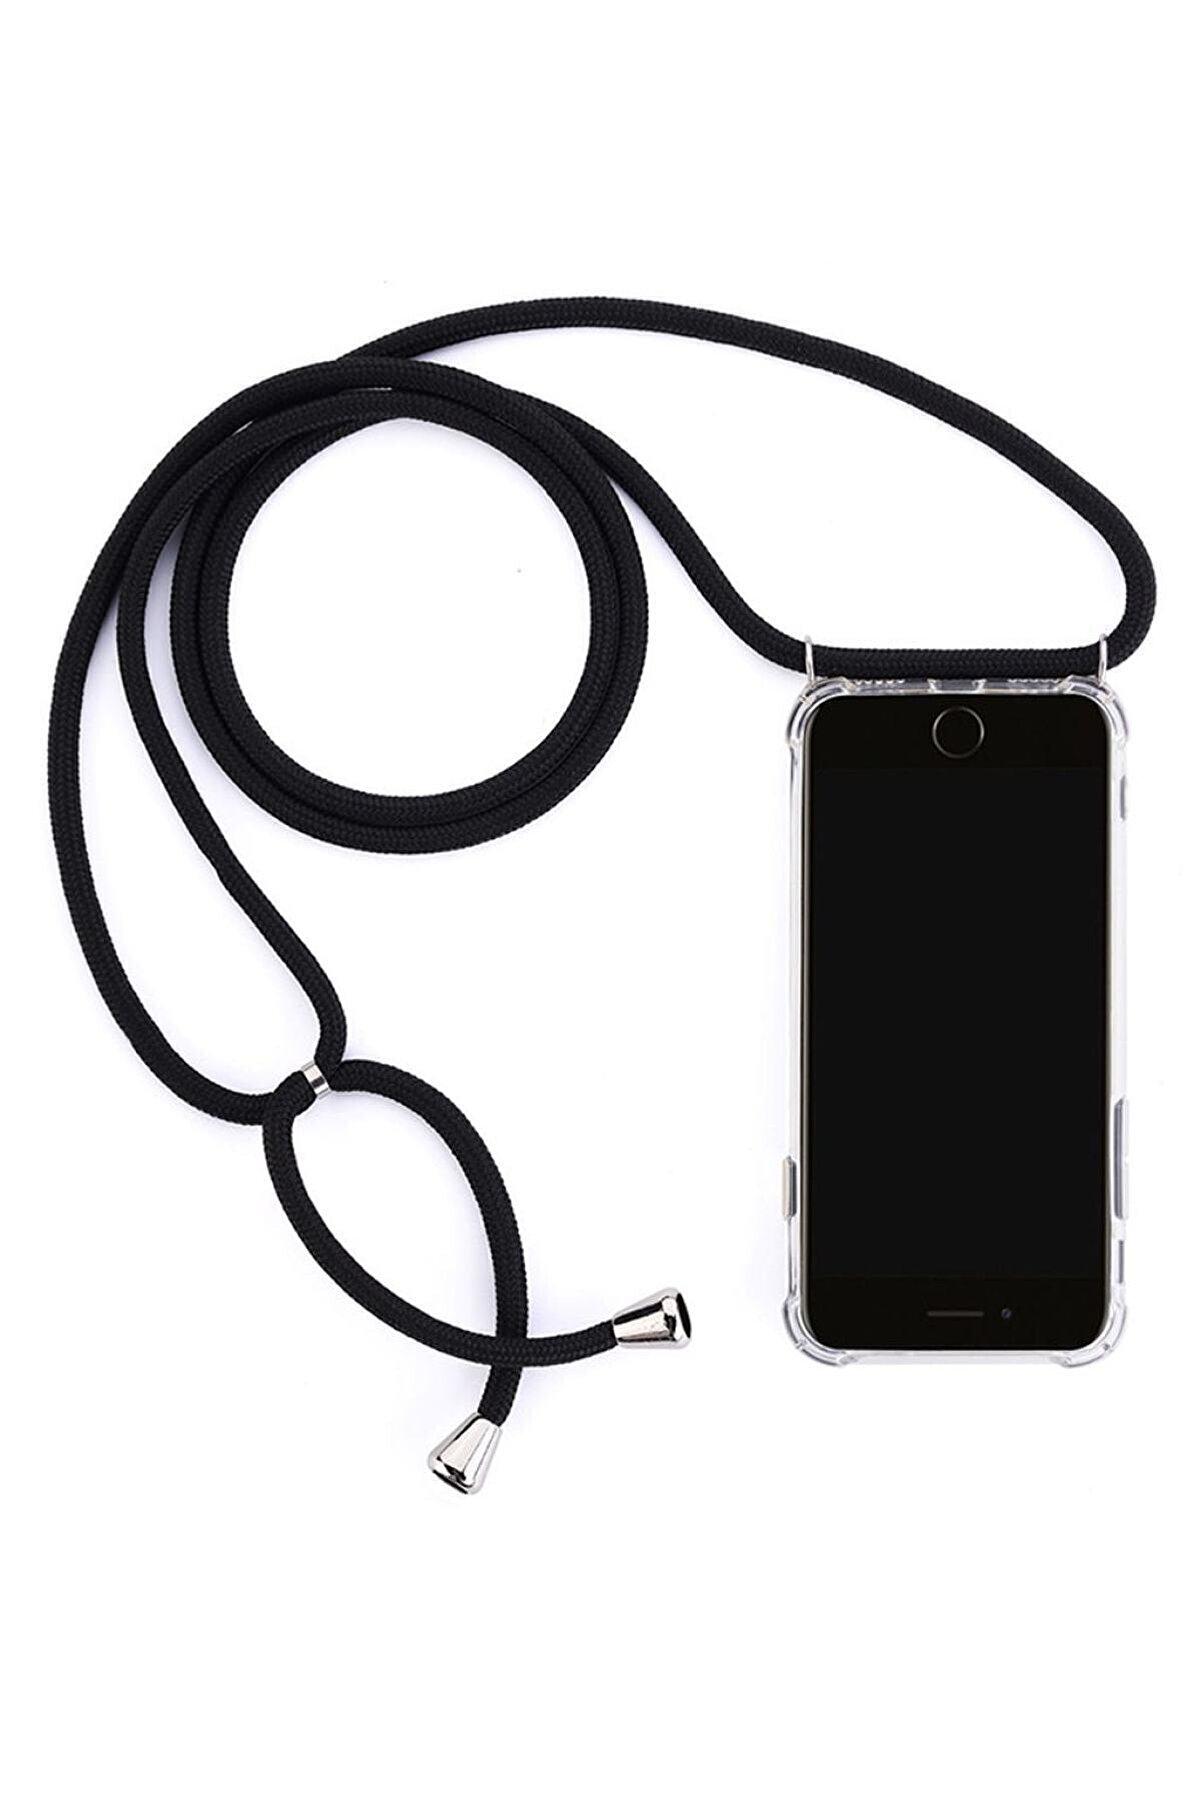 emybox Iphone 6 6s Uyumlu  Boyundan Askılı Şeffaf Darbe Emici Silikon Telefon Kılıfı Siyah + Ekran Koruyucu